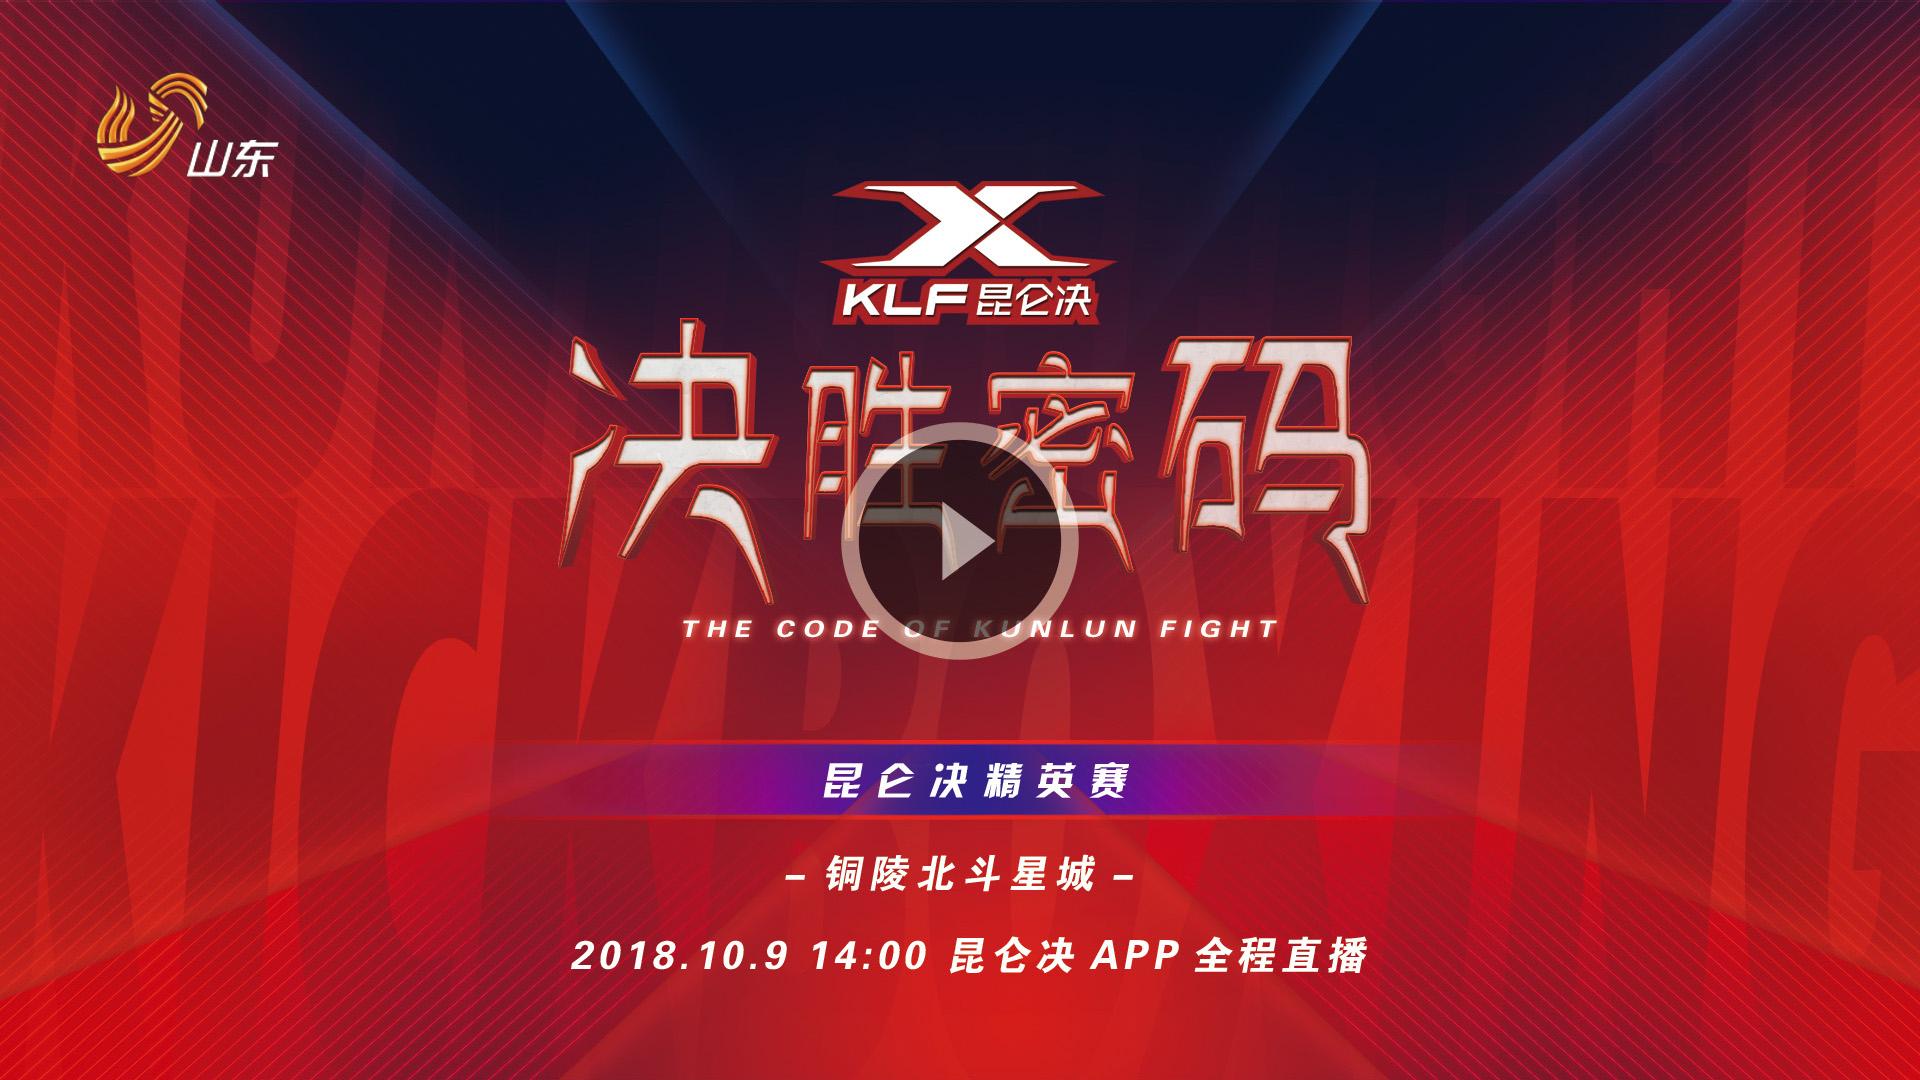 2018年10月9日昆仑决·决胜密码 – 直播[视频] 第三场精英赛